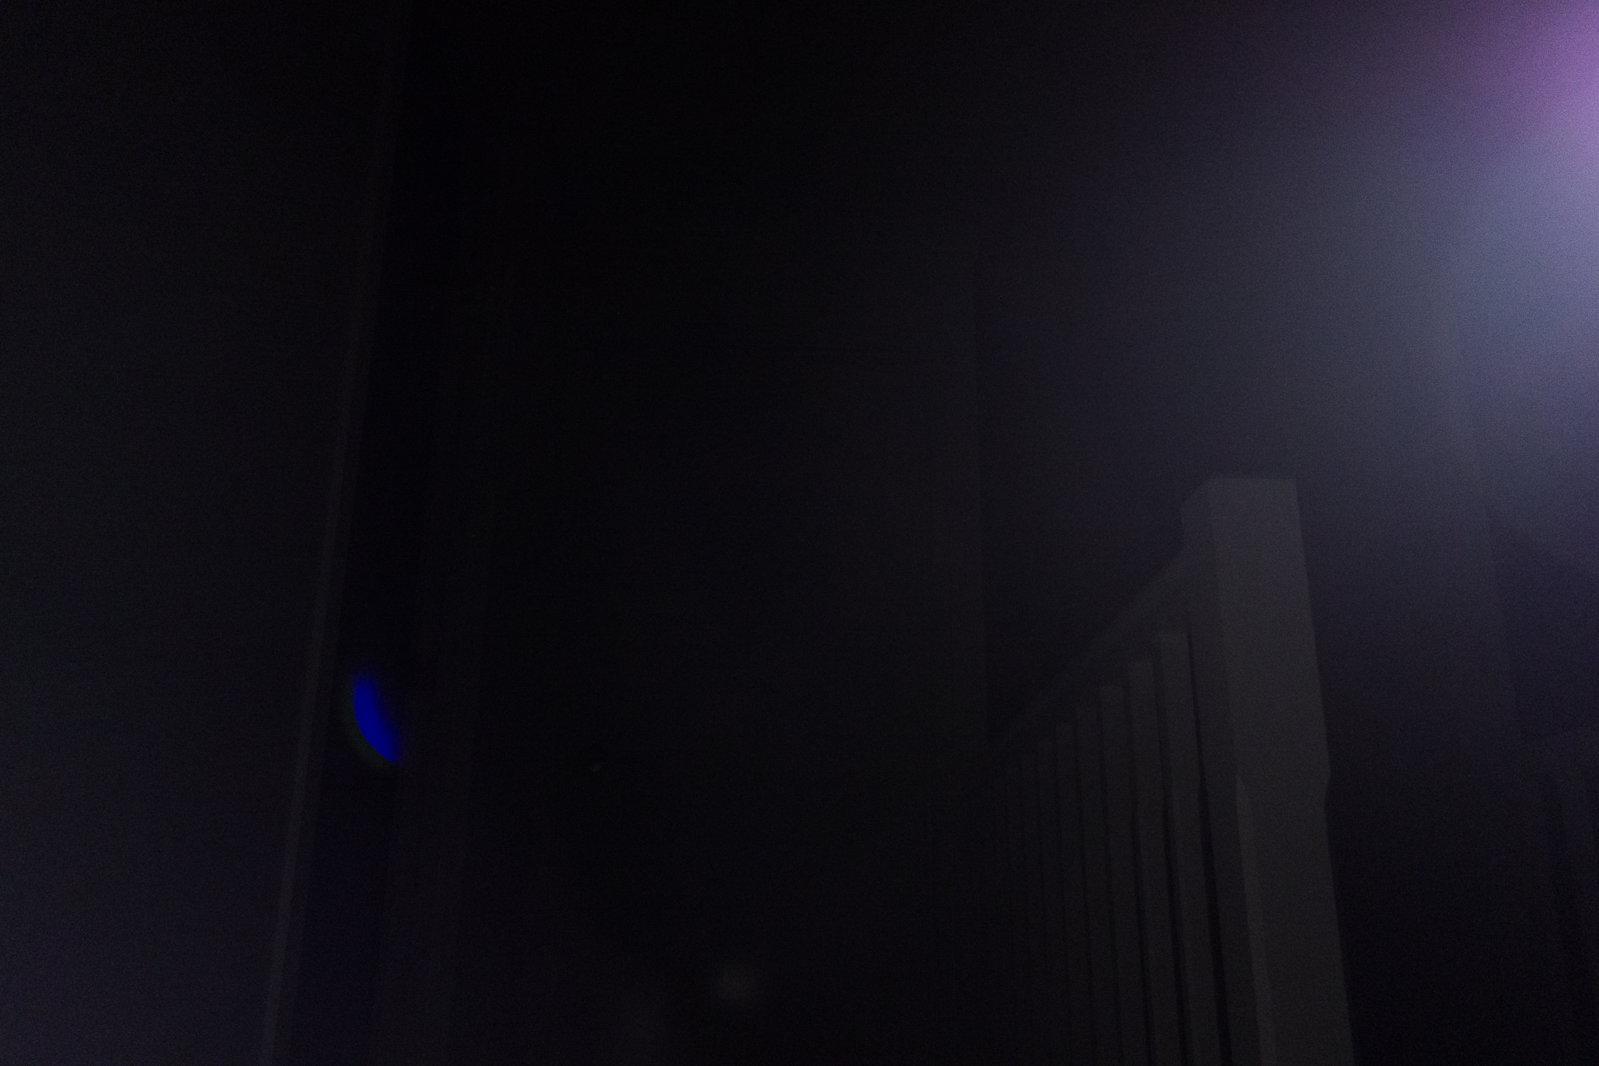 LensFlare11mmDSC01897.jpg